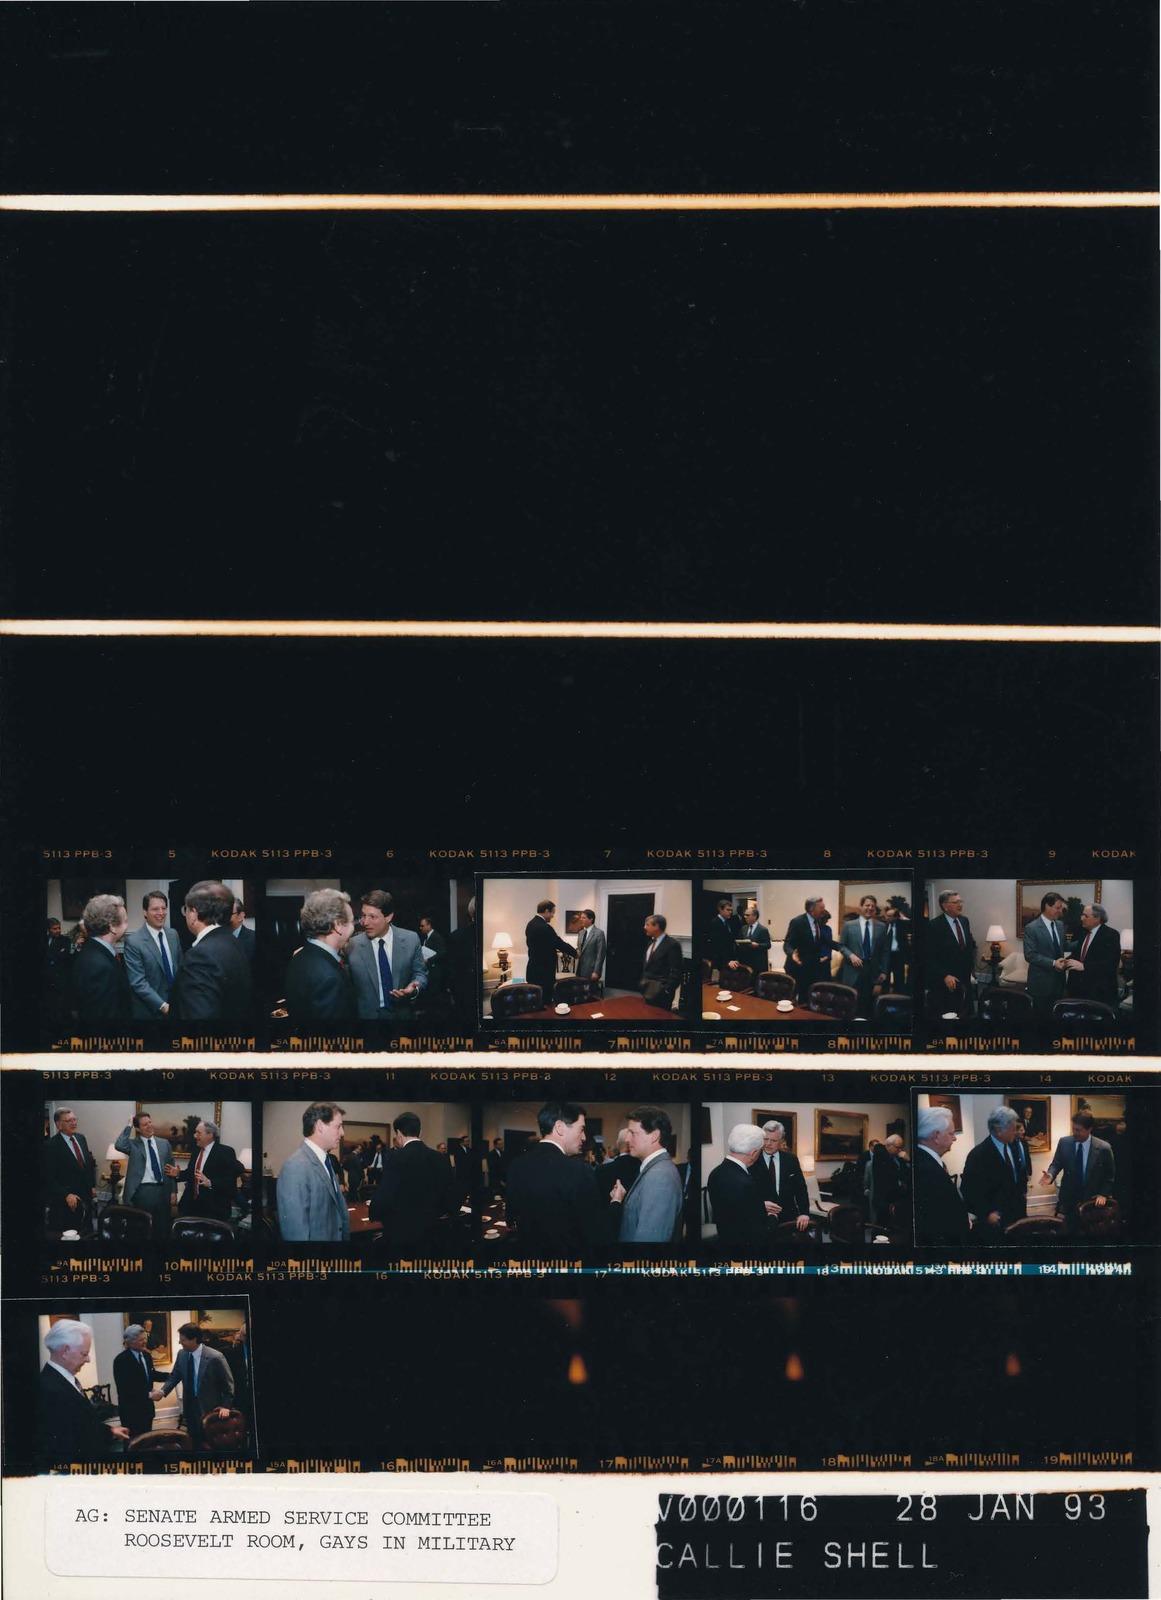 V000116, January 28, 1993